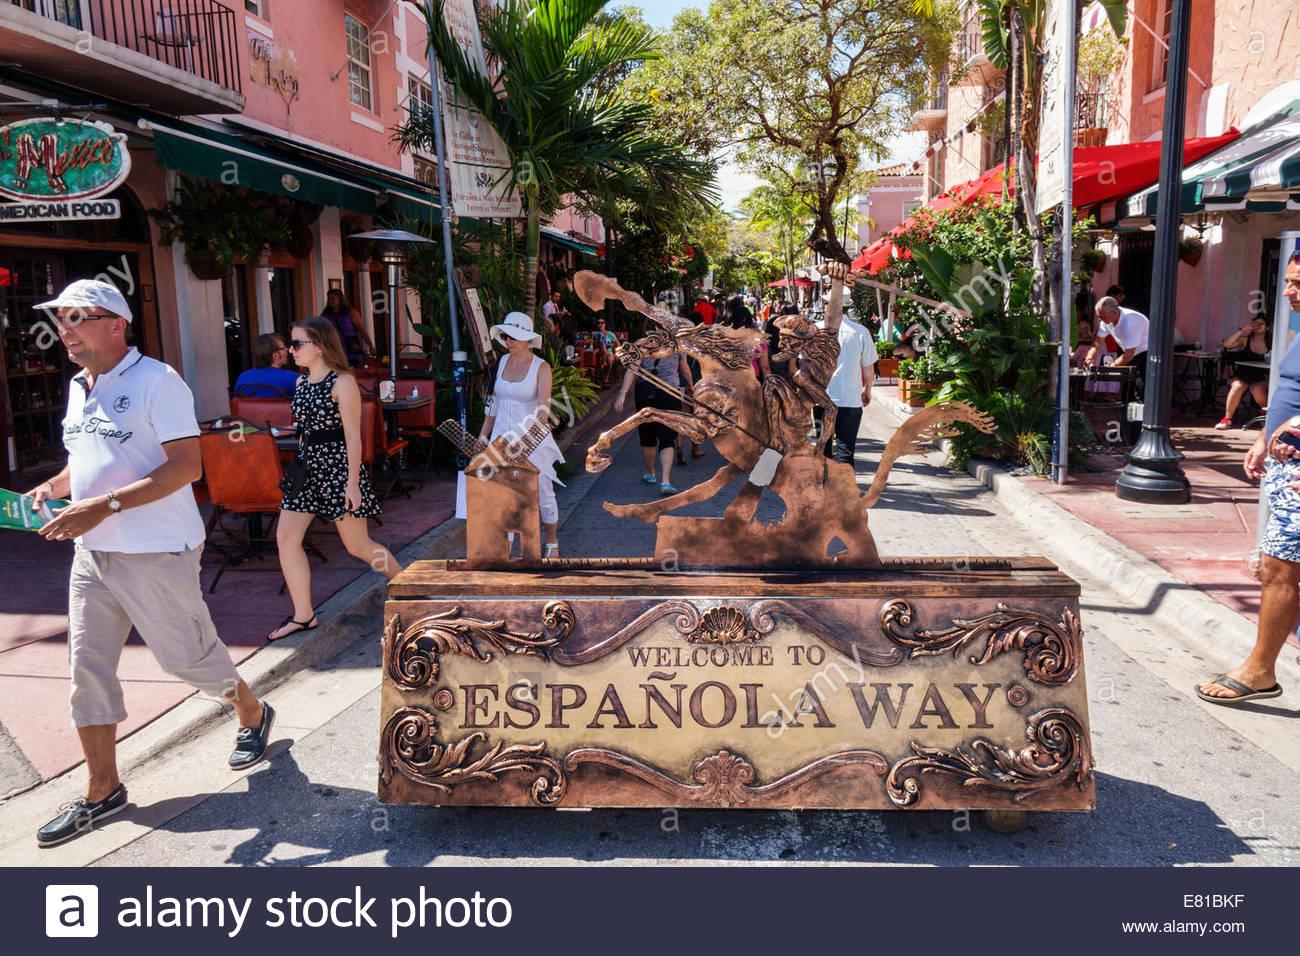 Miami Beach Florida Espanola Way shopping dining entrance welcome - Stock Image